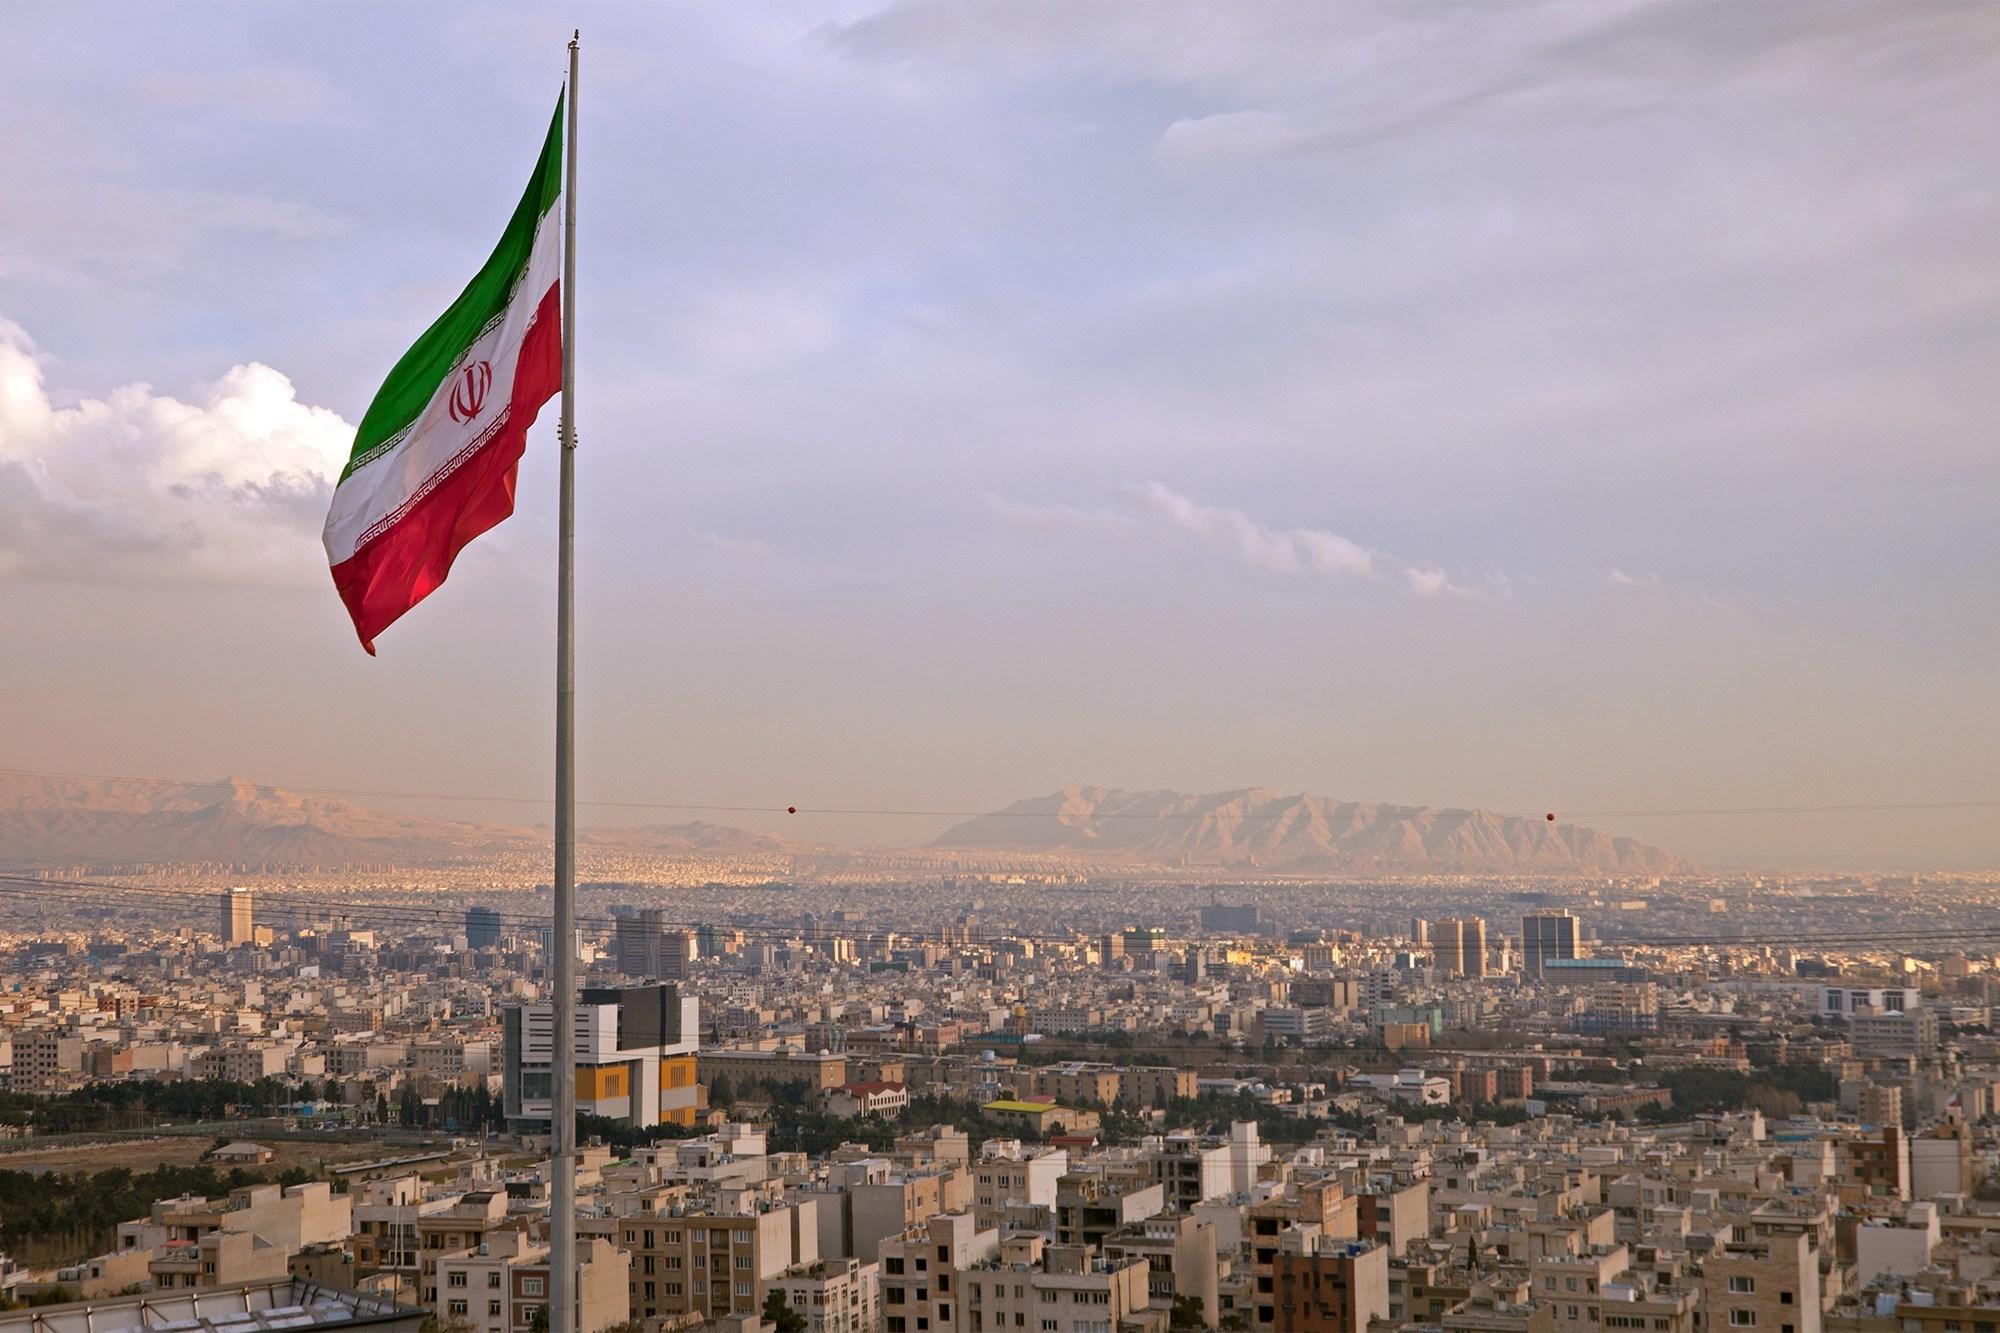 مندوب إيران الدائم لدى الأمم المتحدة ينفي الملاحظات الواردة في تقرير الأمم المتحدة